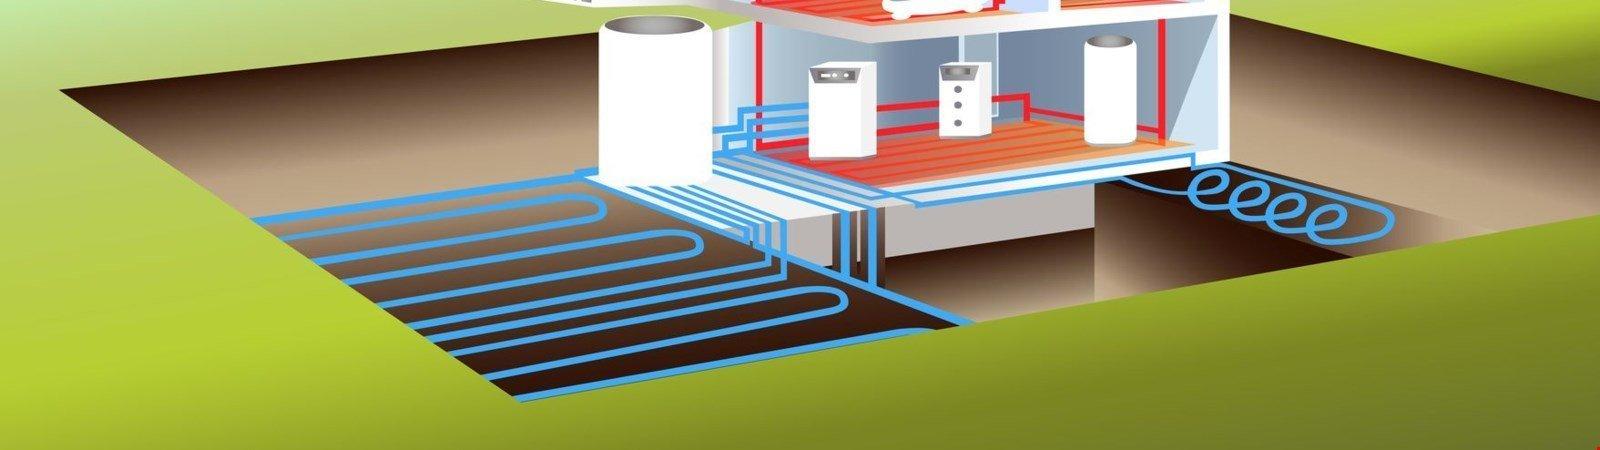 Wärmepumpen: Funktion und Einsatzmöglichkeiten